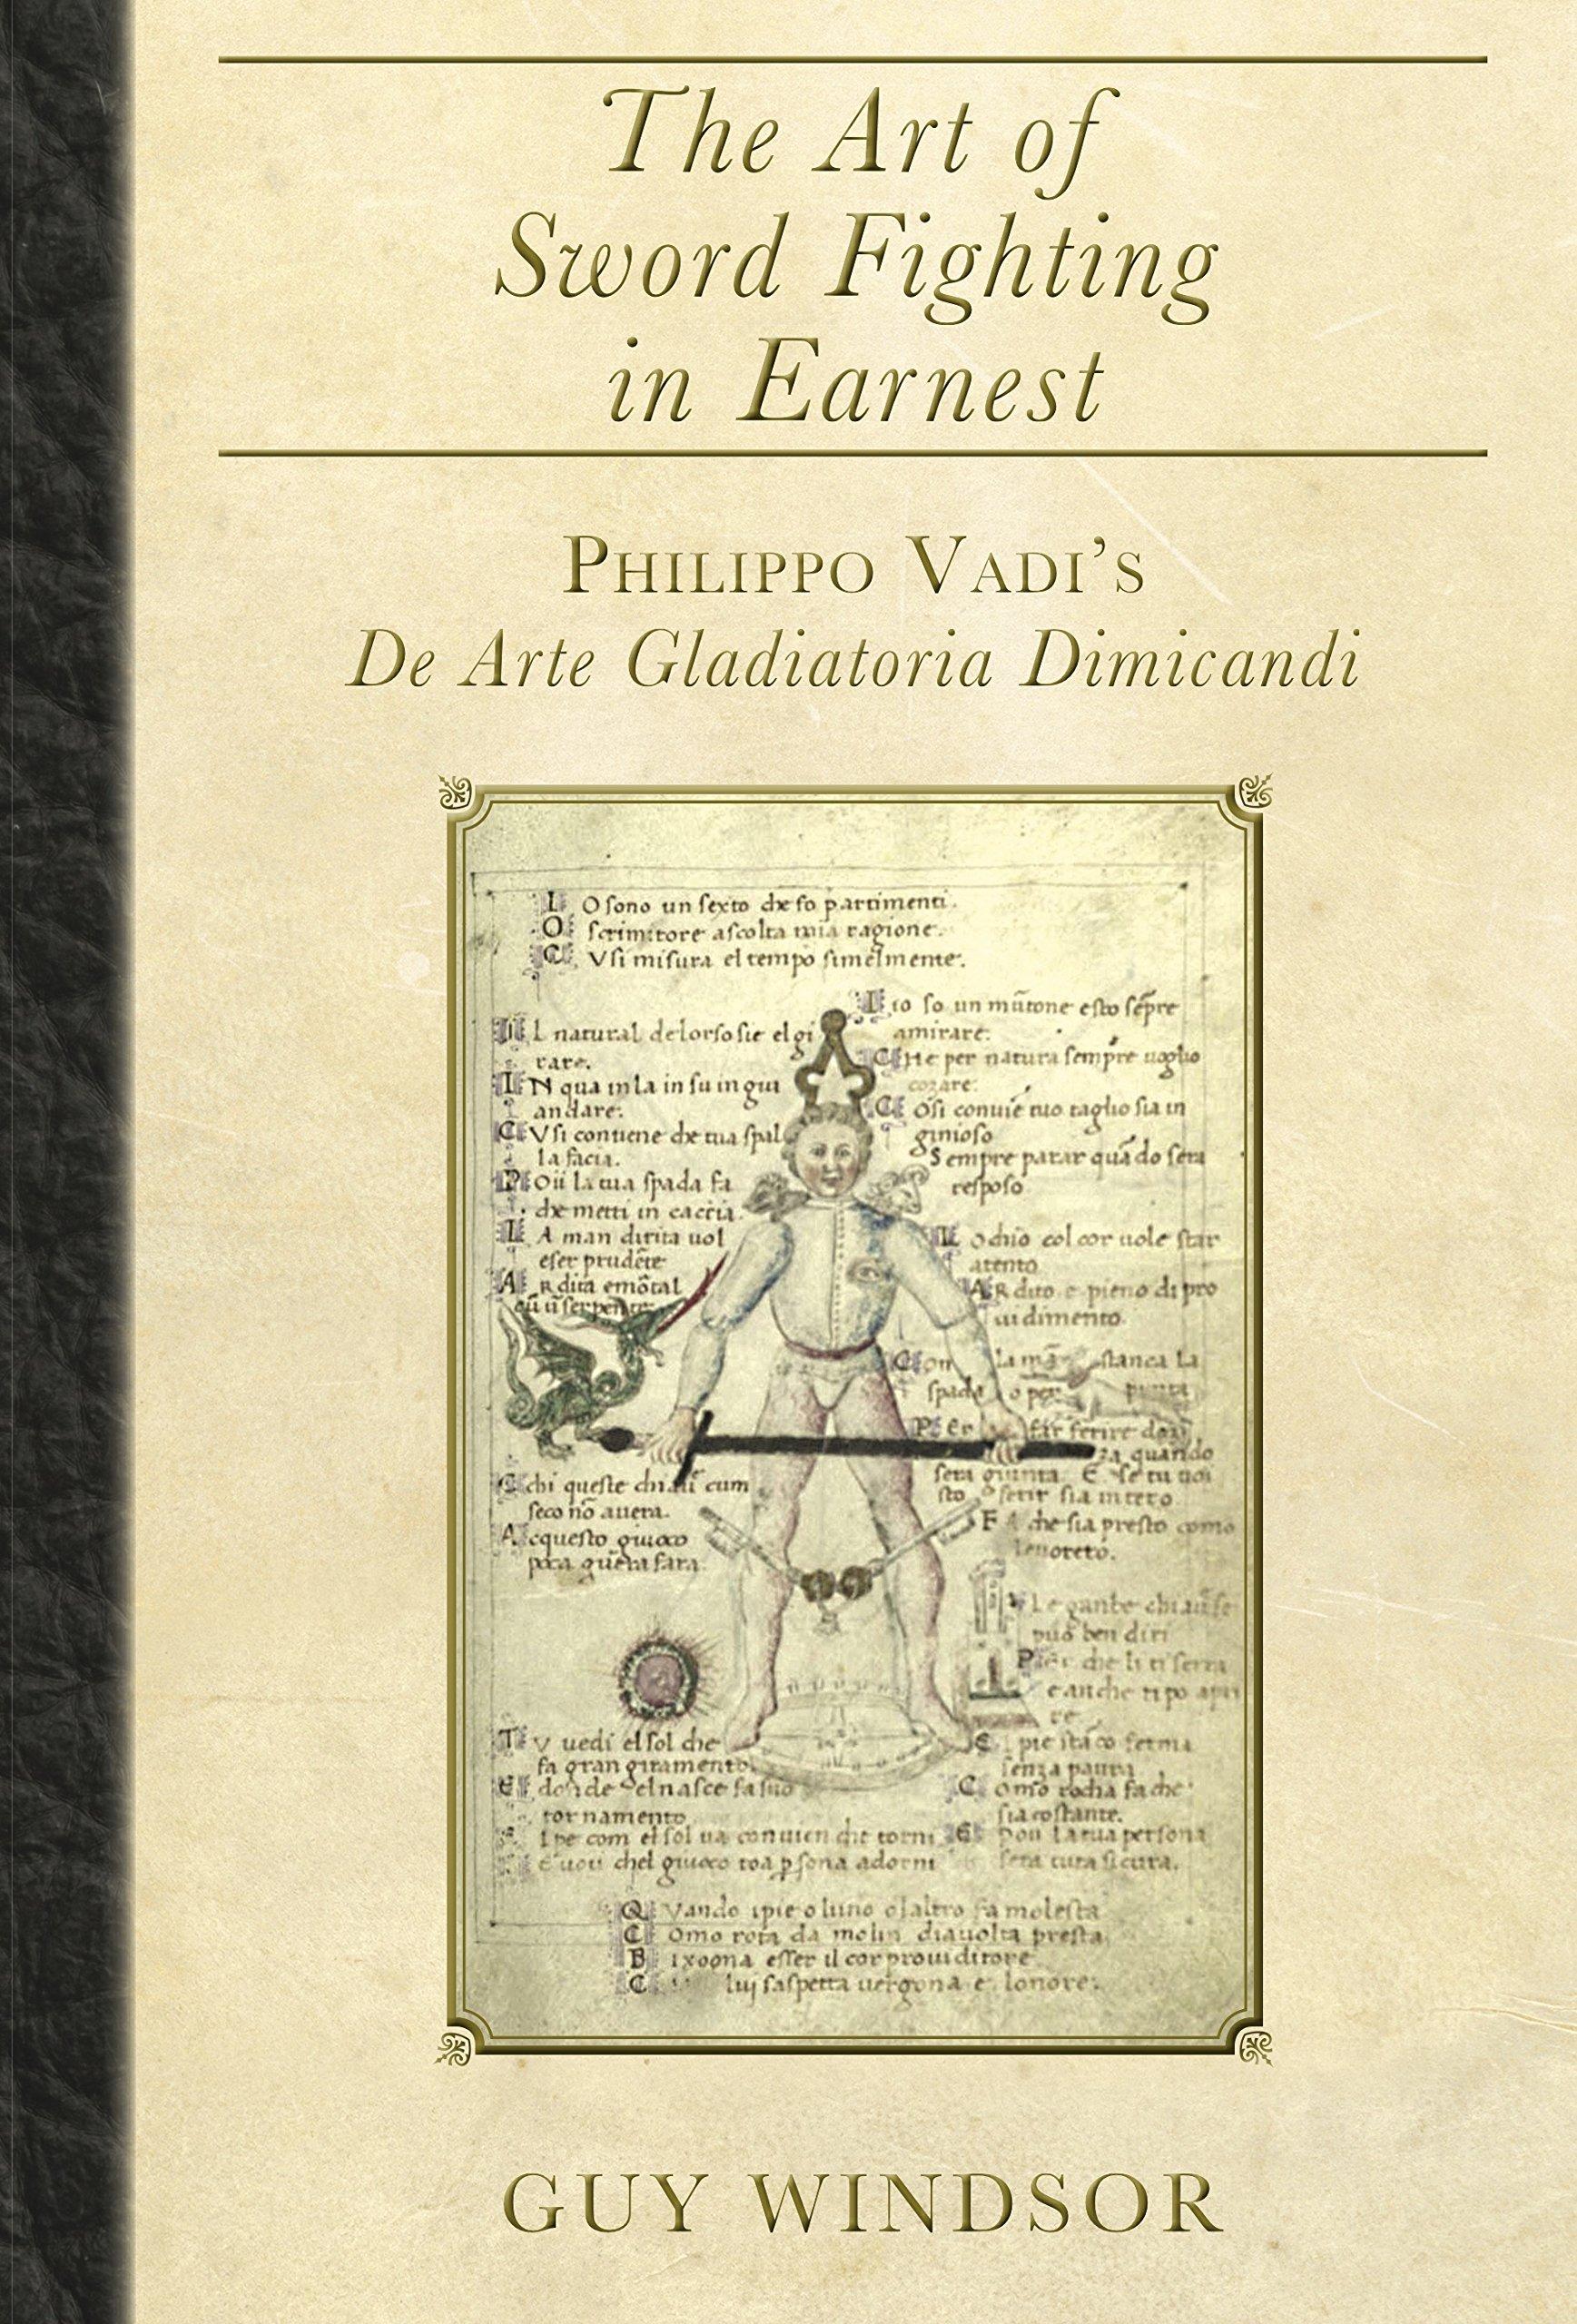 The Art Of Sword Fighting In Earnest  Philippo Vadi's De Arte Gladiatoria Dimicandi  English Edition